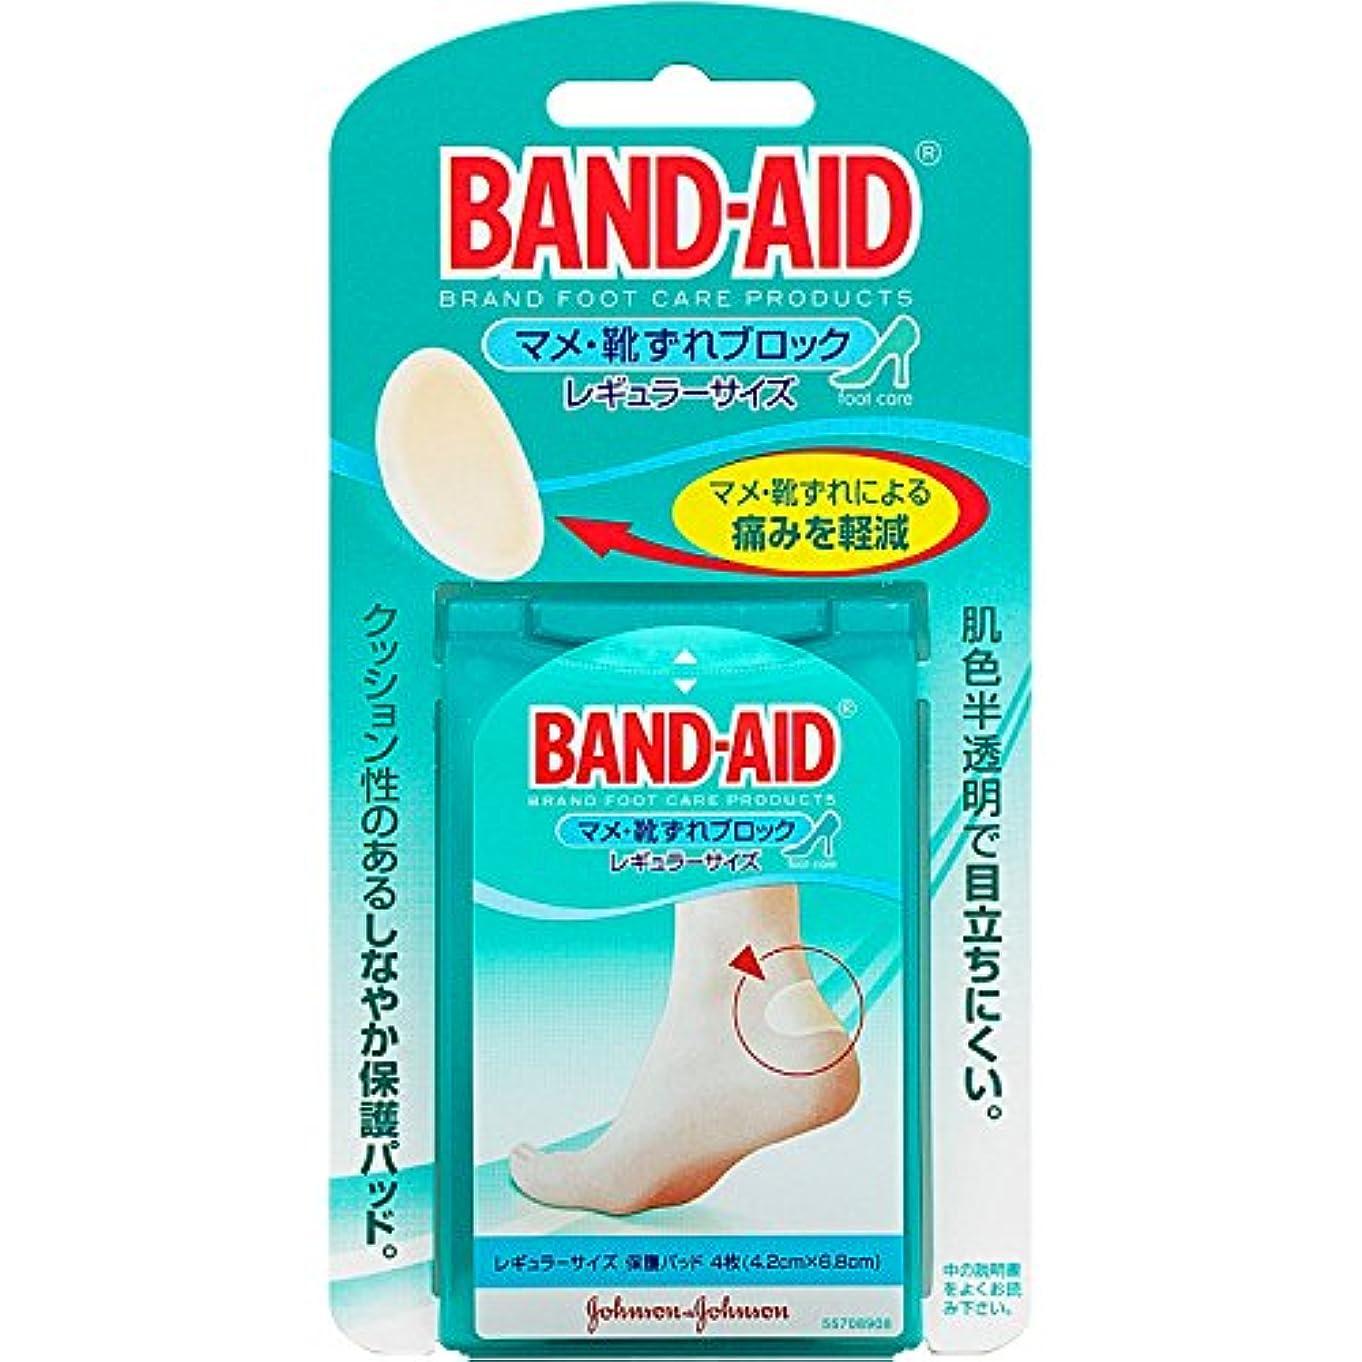 セイはさておきアレキサンダーグラハムベル状BAND-AID(バンドエイド) マメ?靴ずれブロック レギュラーサイズ 4枚